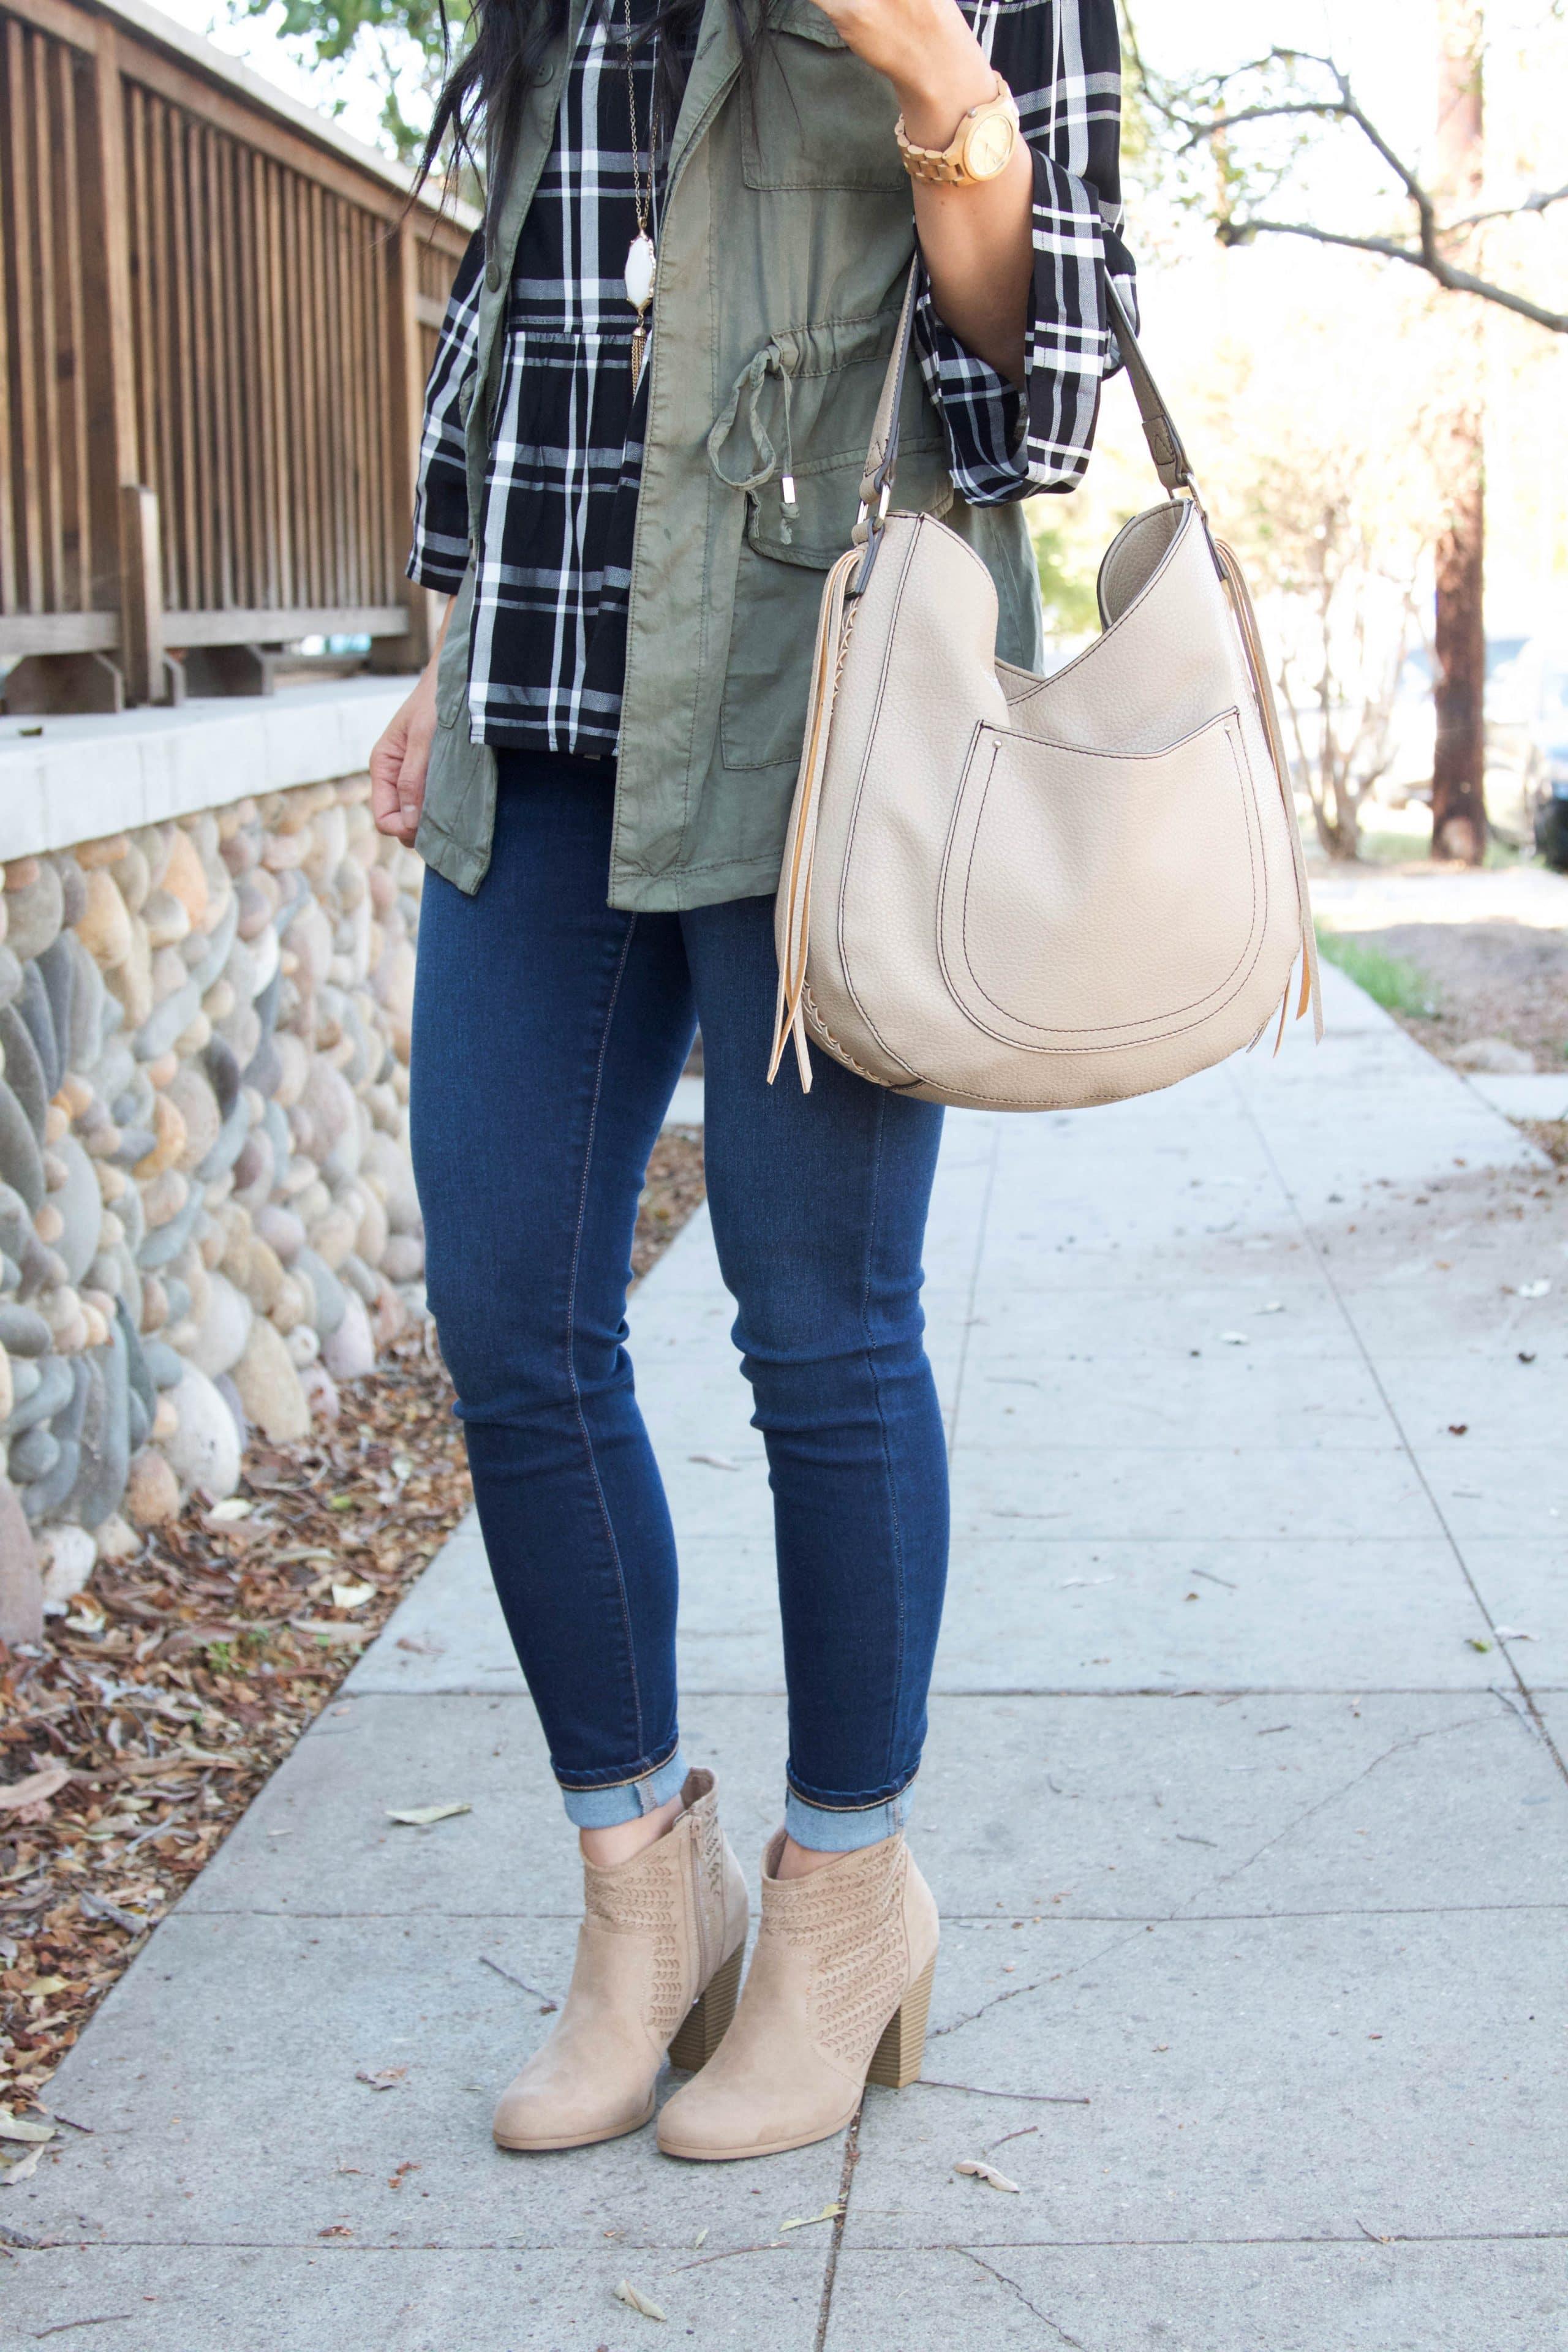 Skinnies + Booties + Tan bag + Vest + Plaid top